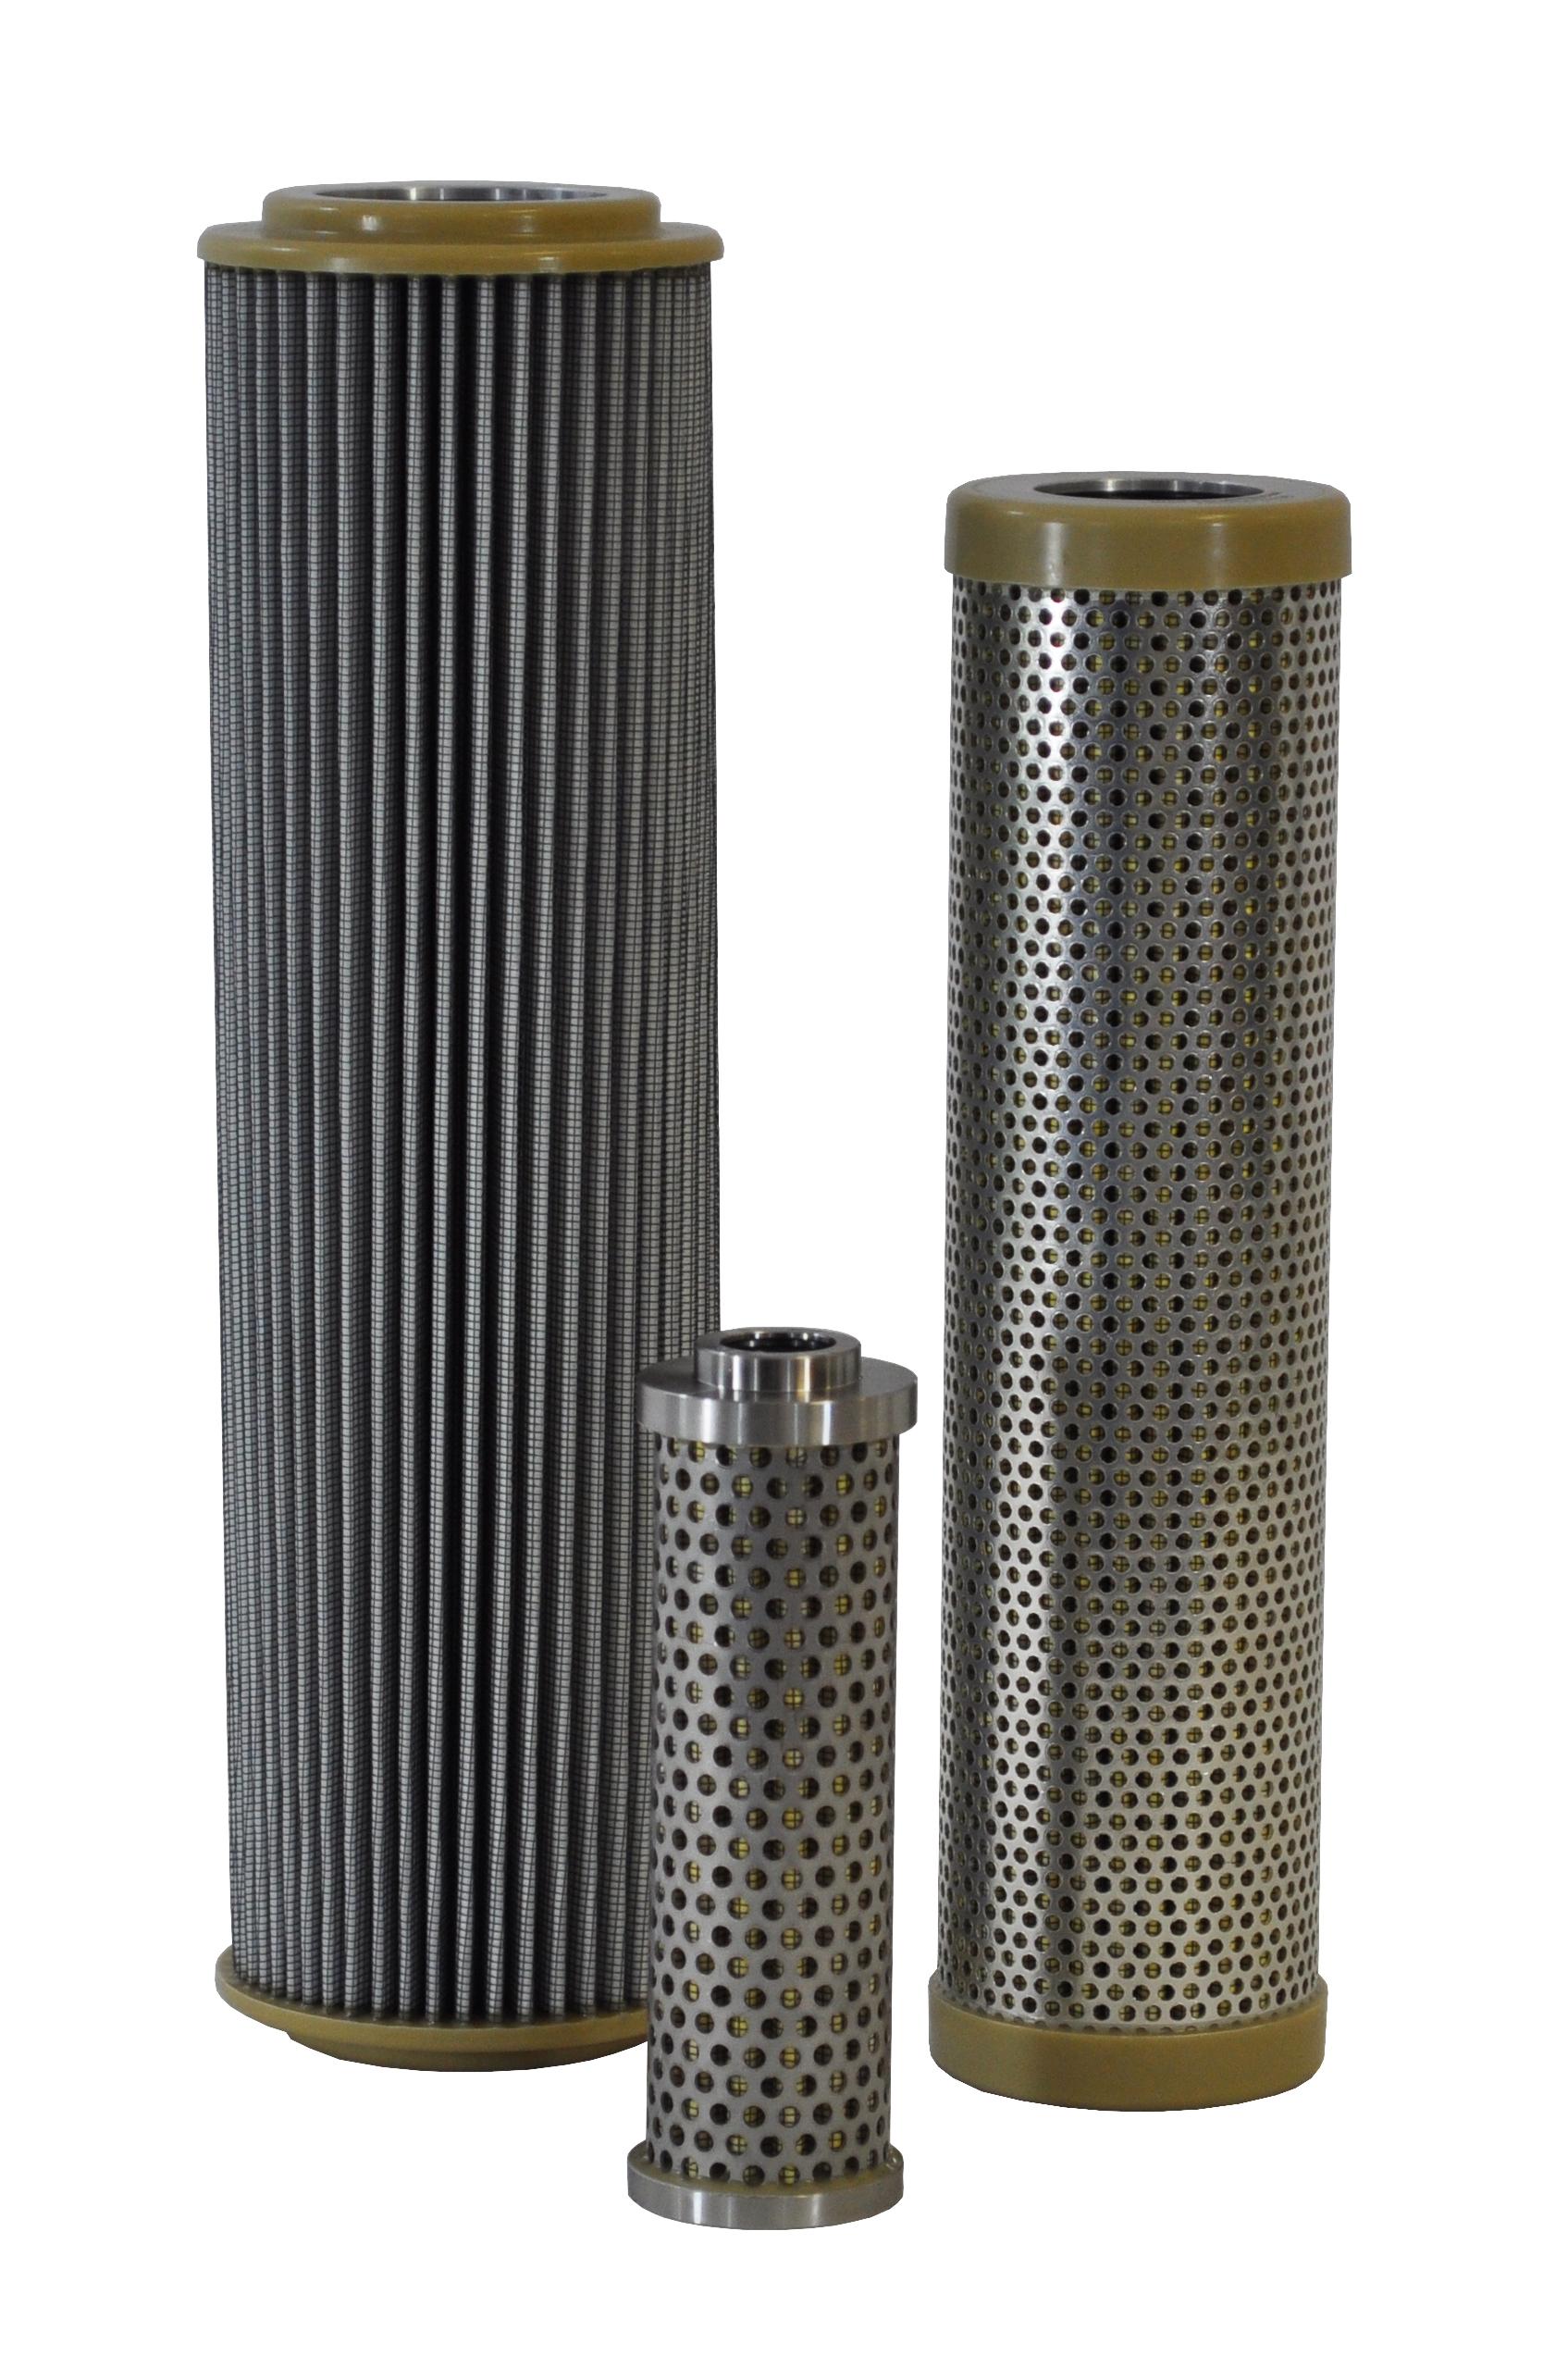 Hilliard Corporation HILCO Filter Cartridges